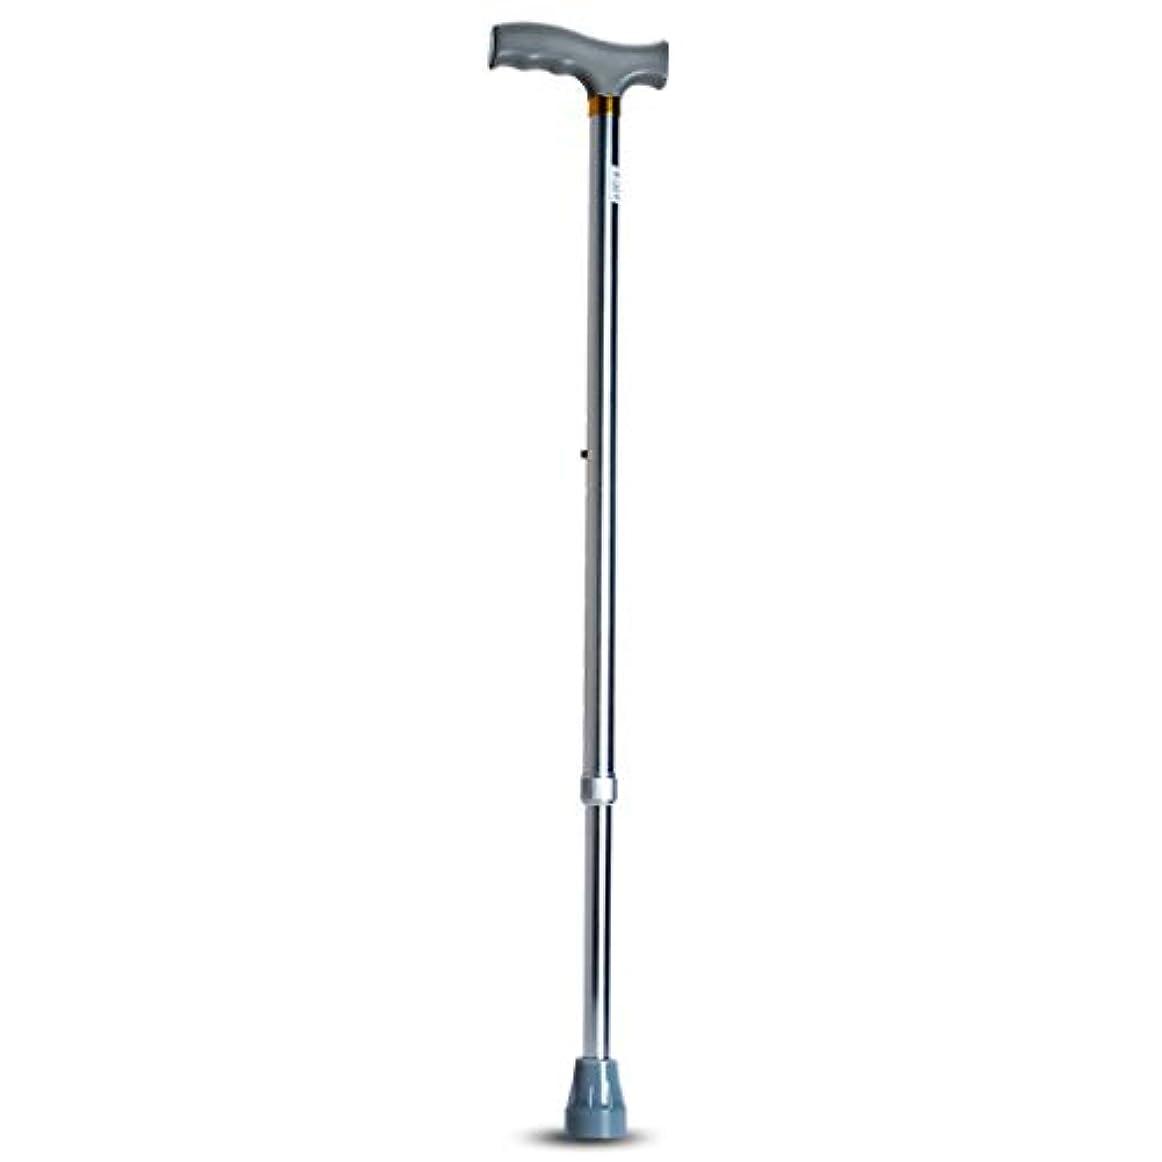 求めるペインギリック防止杖 - 老人用杖アルミ合金滑り止め格納式高齢者登山杖